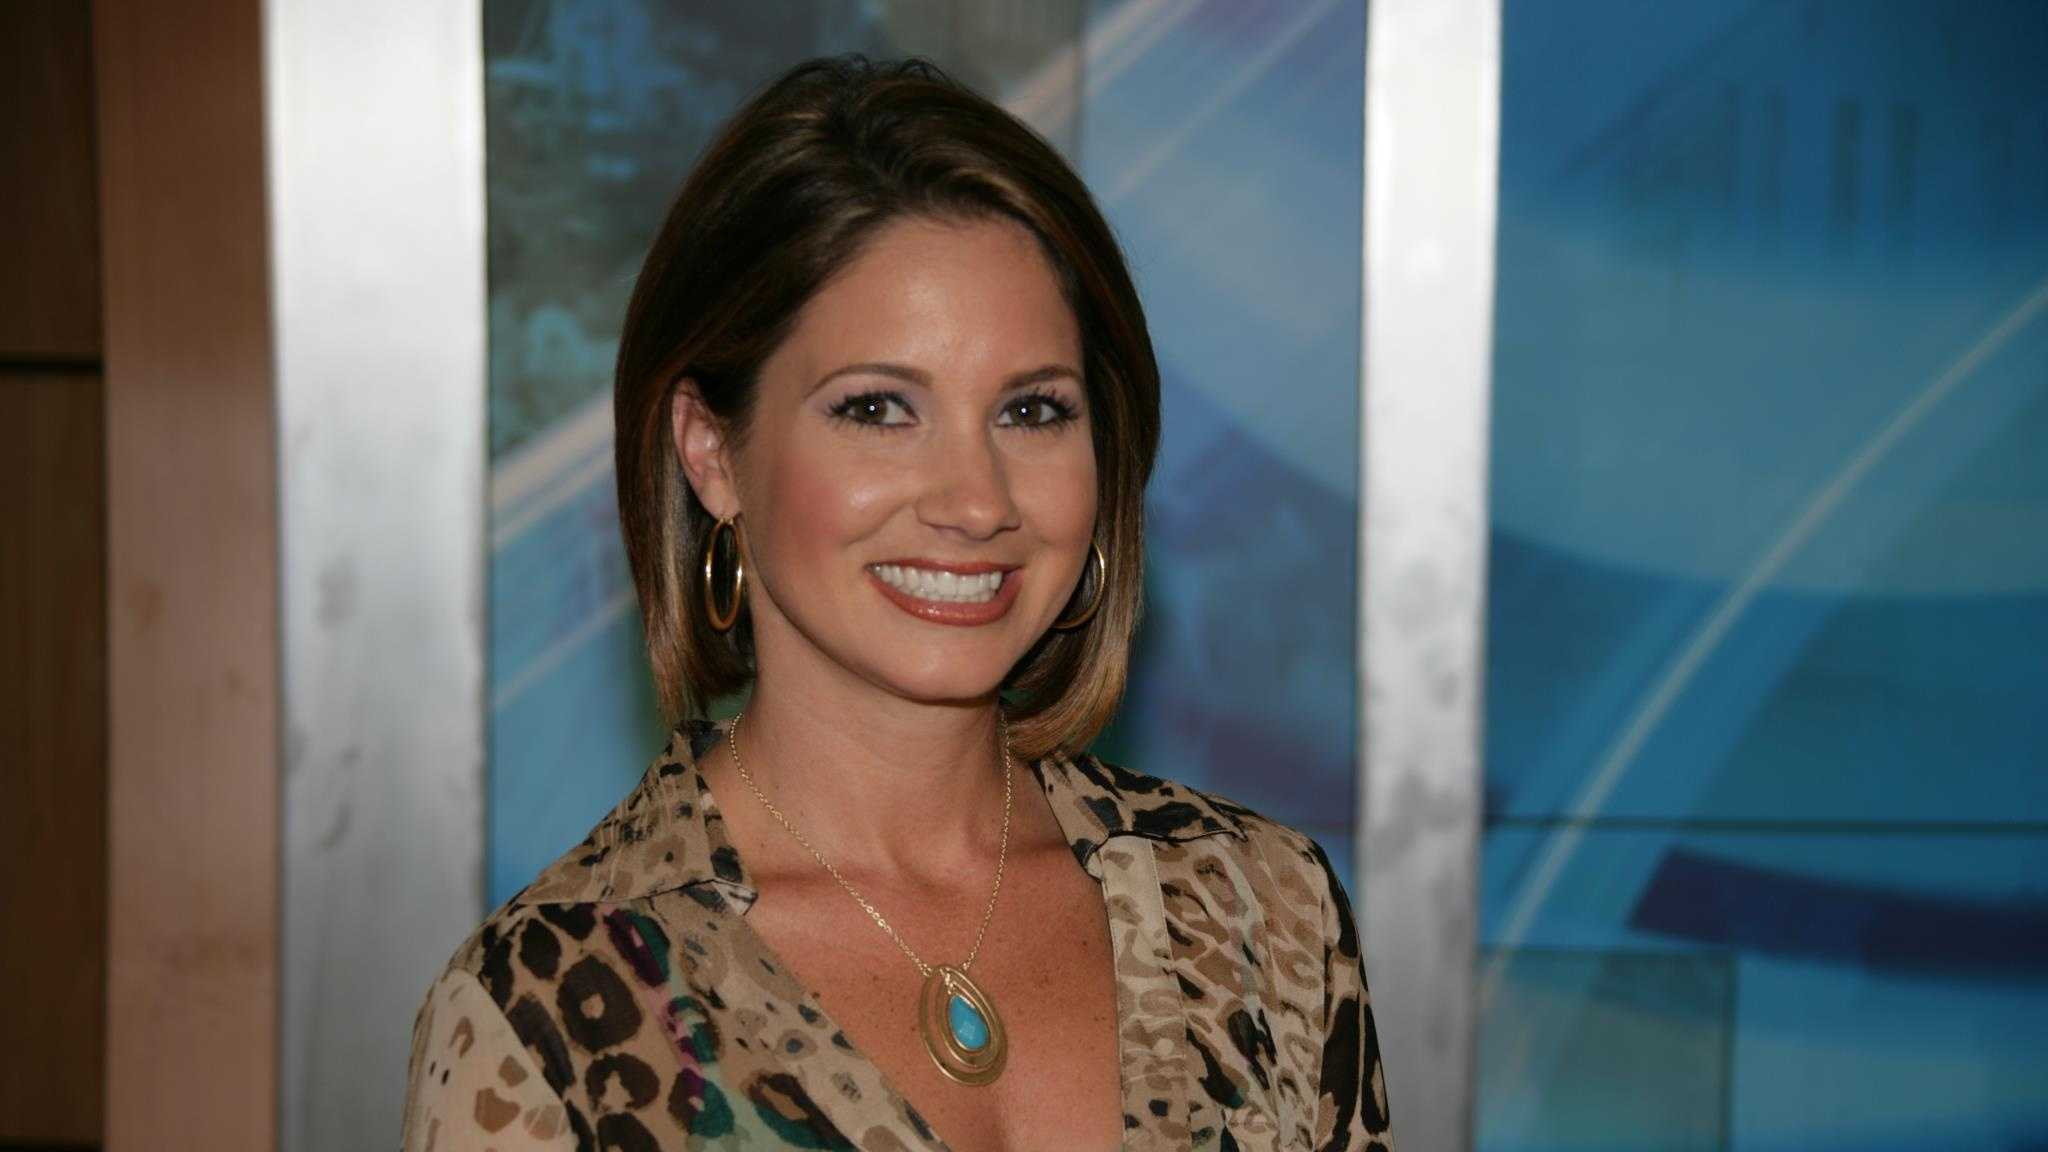 Toni Valliere